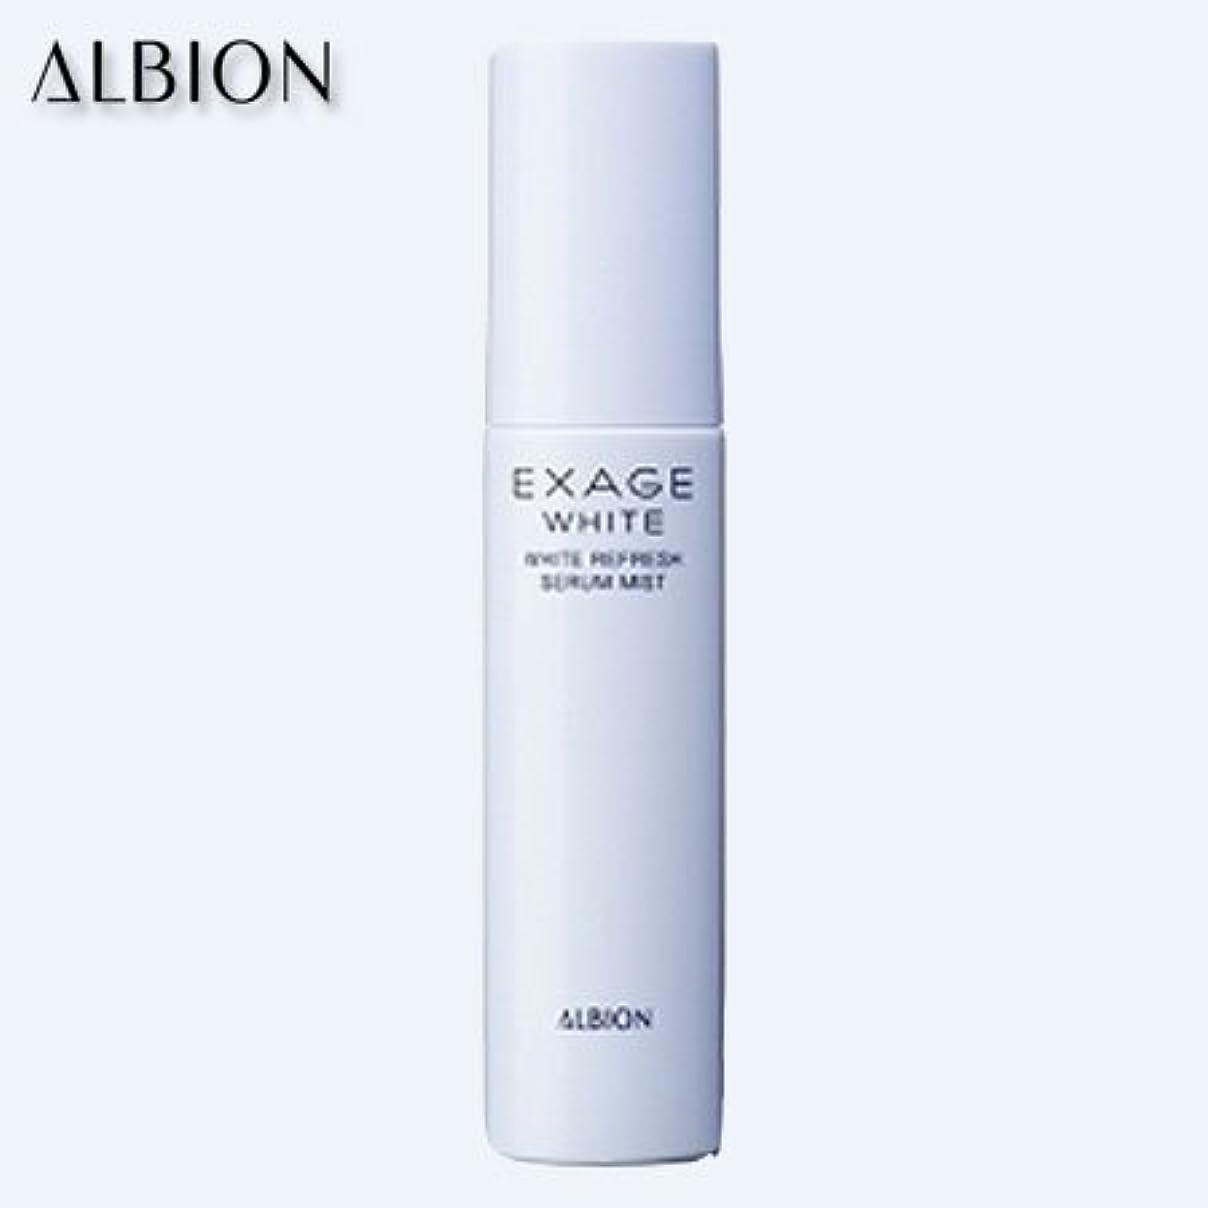 宙返り好色な買うアルビオン エクサージュホワイト ホワイトリフレッシュ セラムミスト 60ml-ALBION-